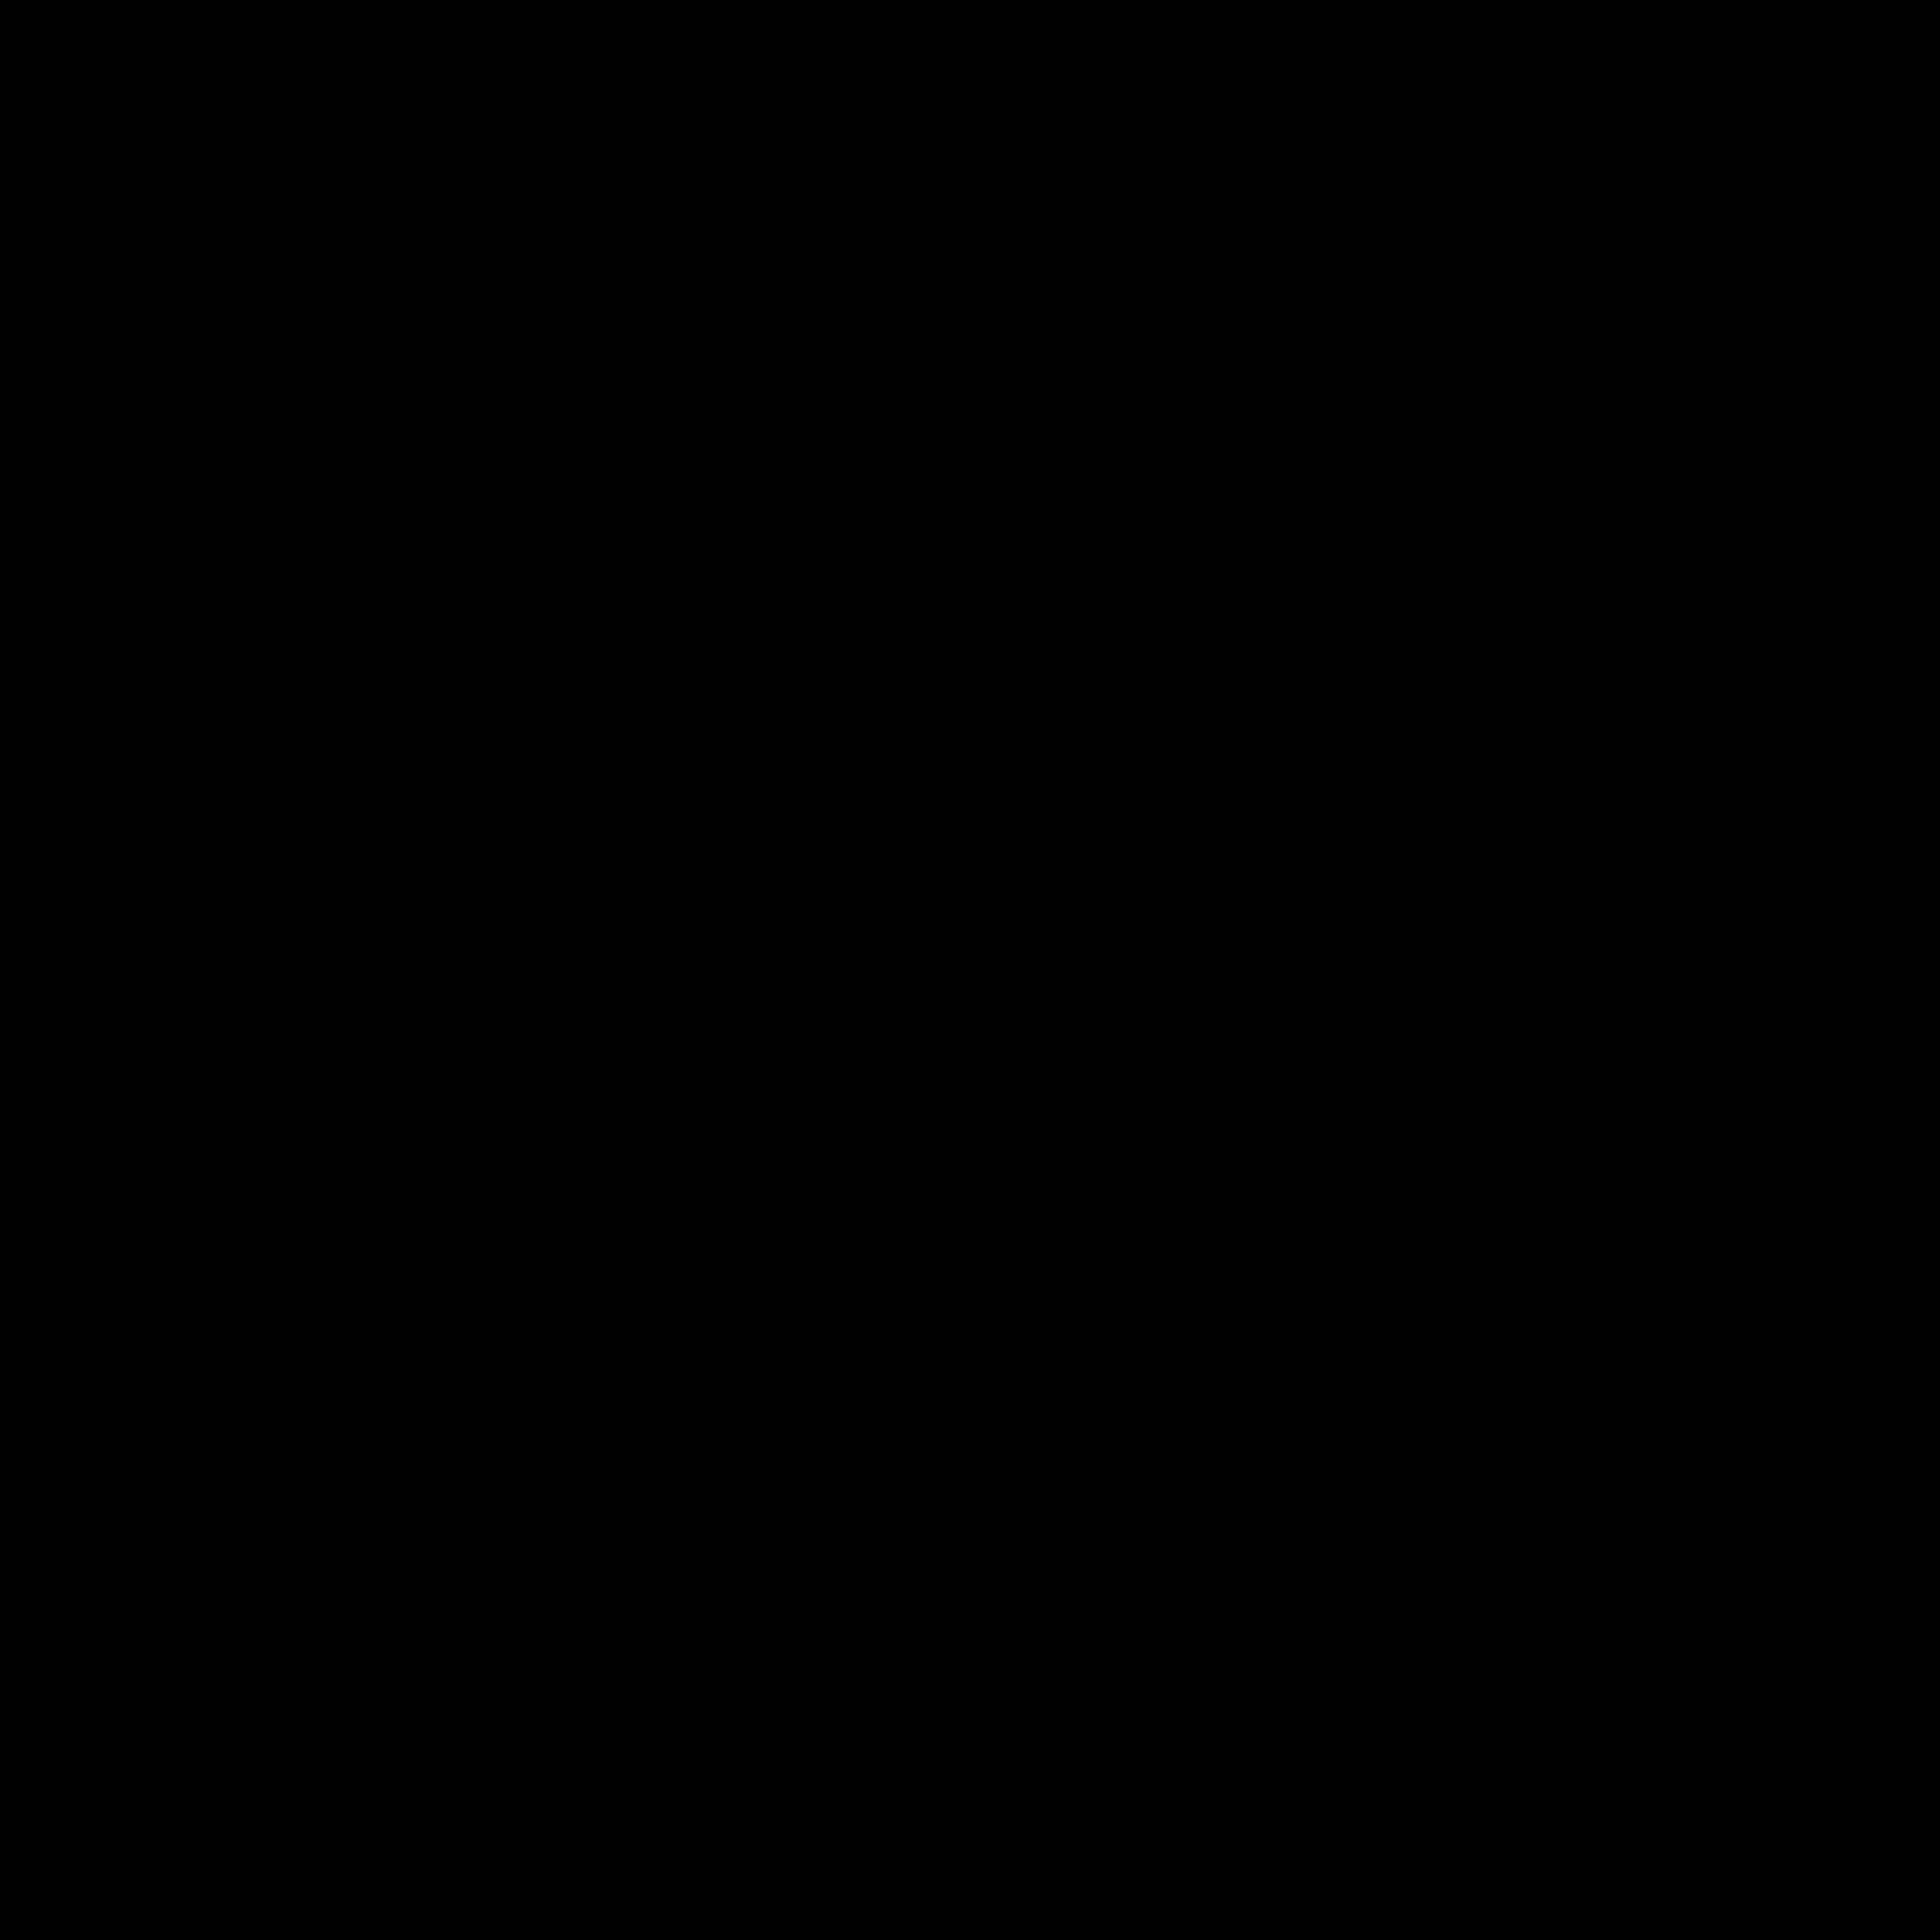 Sociedad Crionica Logo